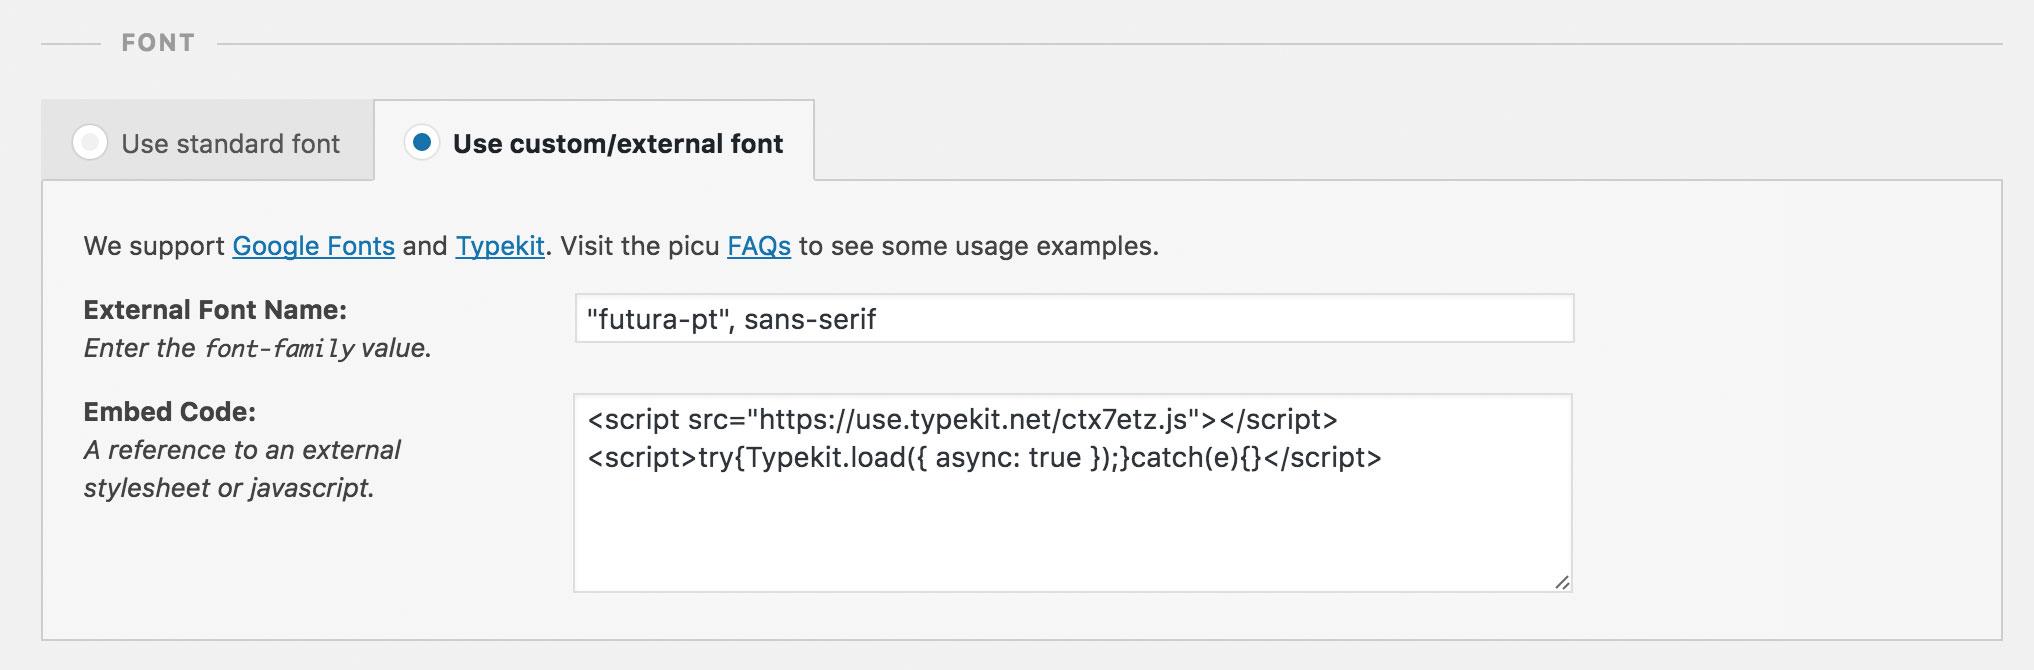 Screenshot of external font UI in picu using Typekit